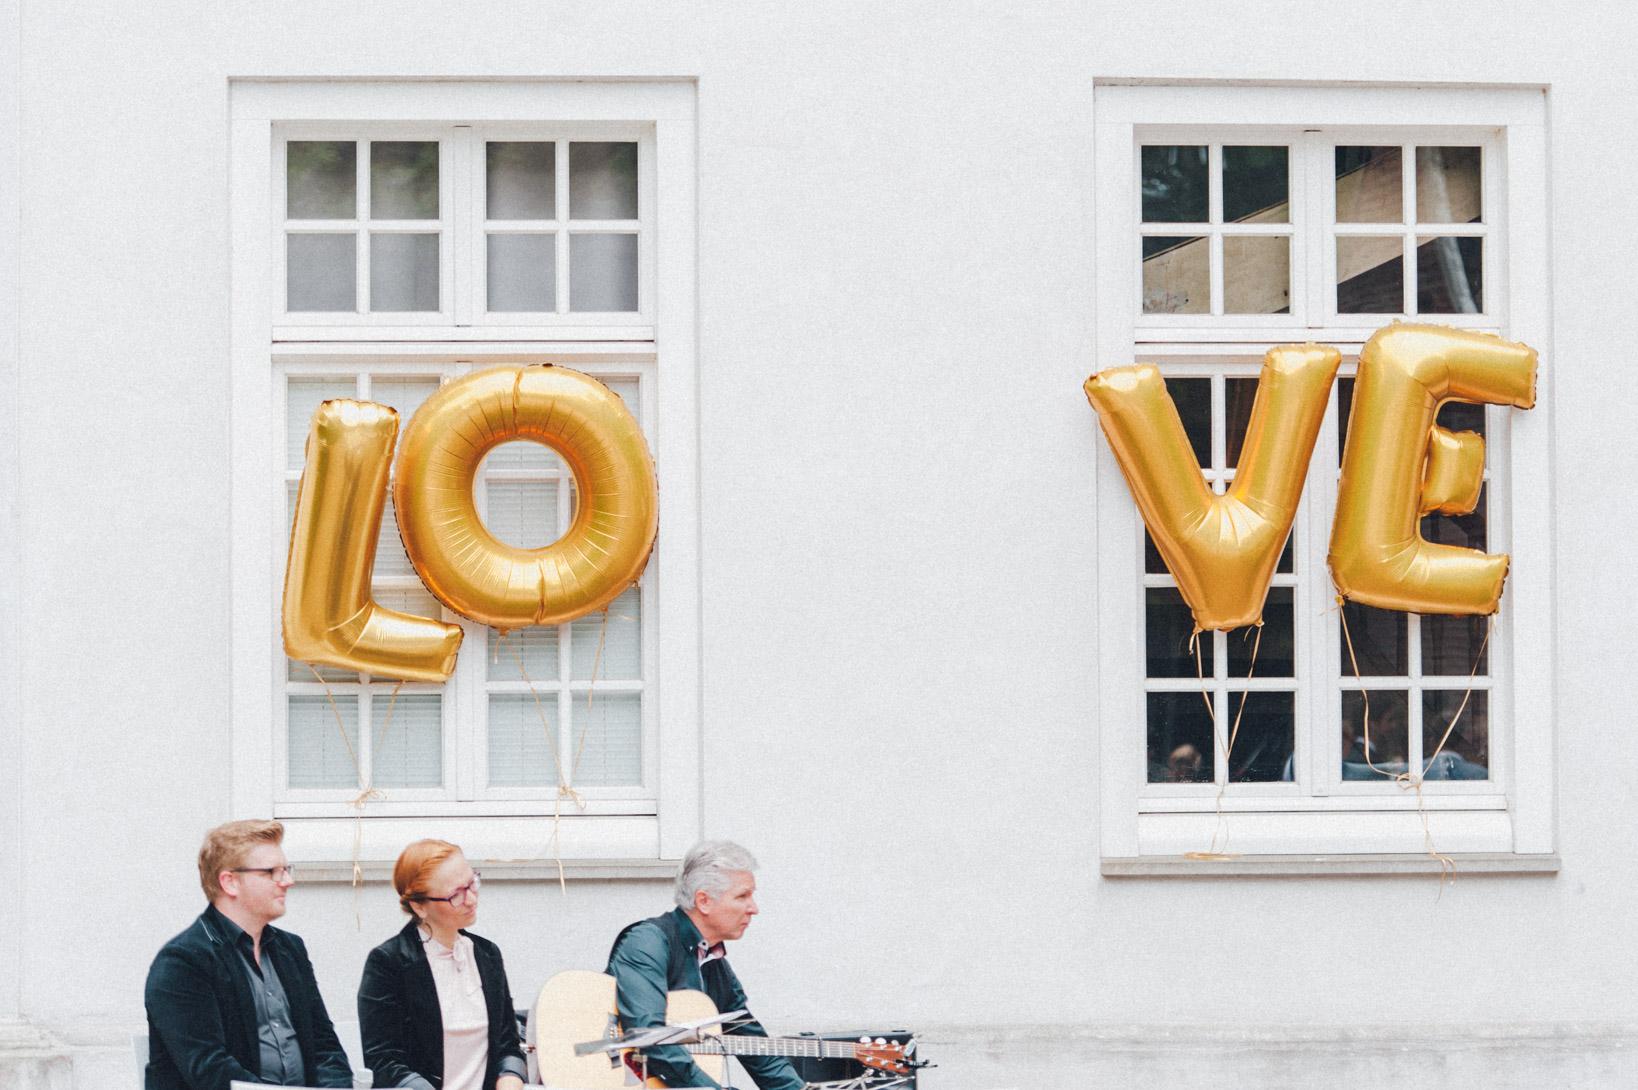 DIY-Hochzeit-gold-VW-Bully-50